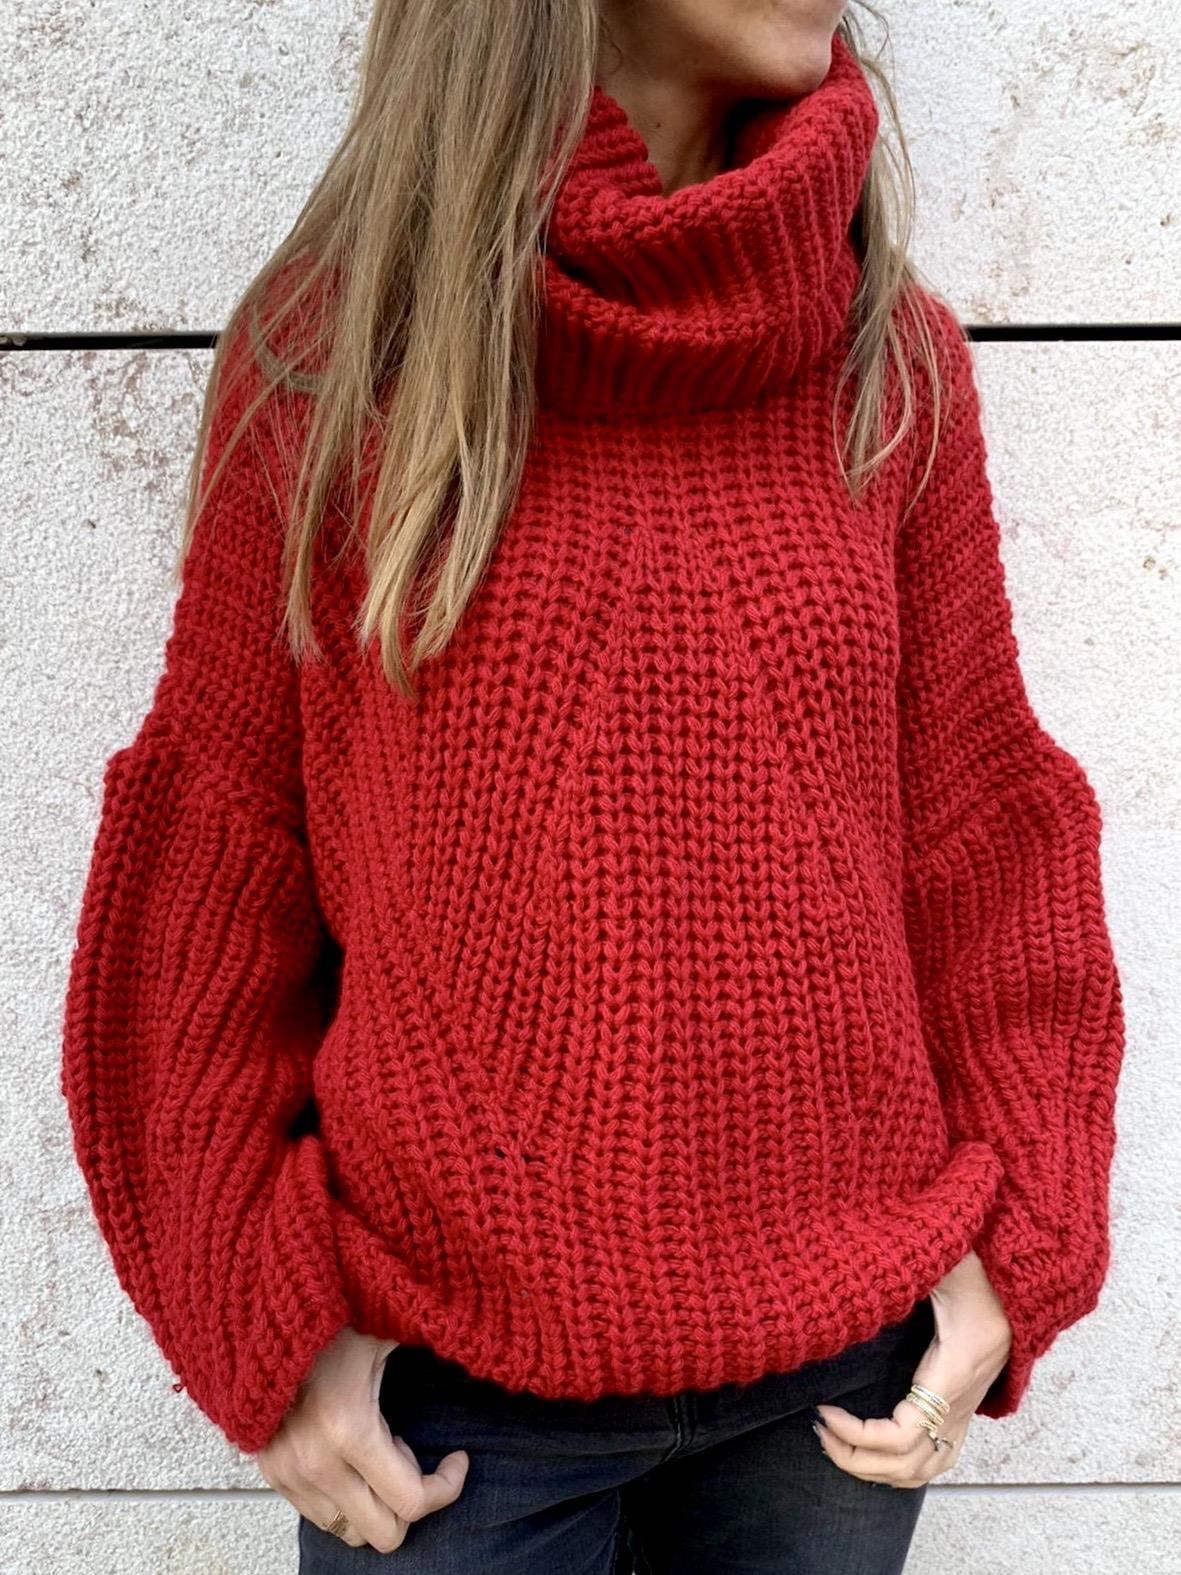 Camisolão de Gola Alta | Vermelho